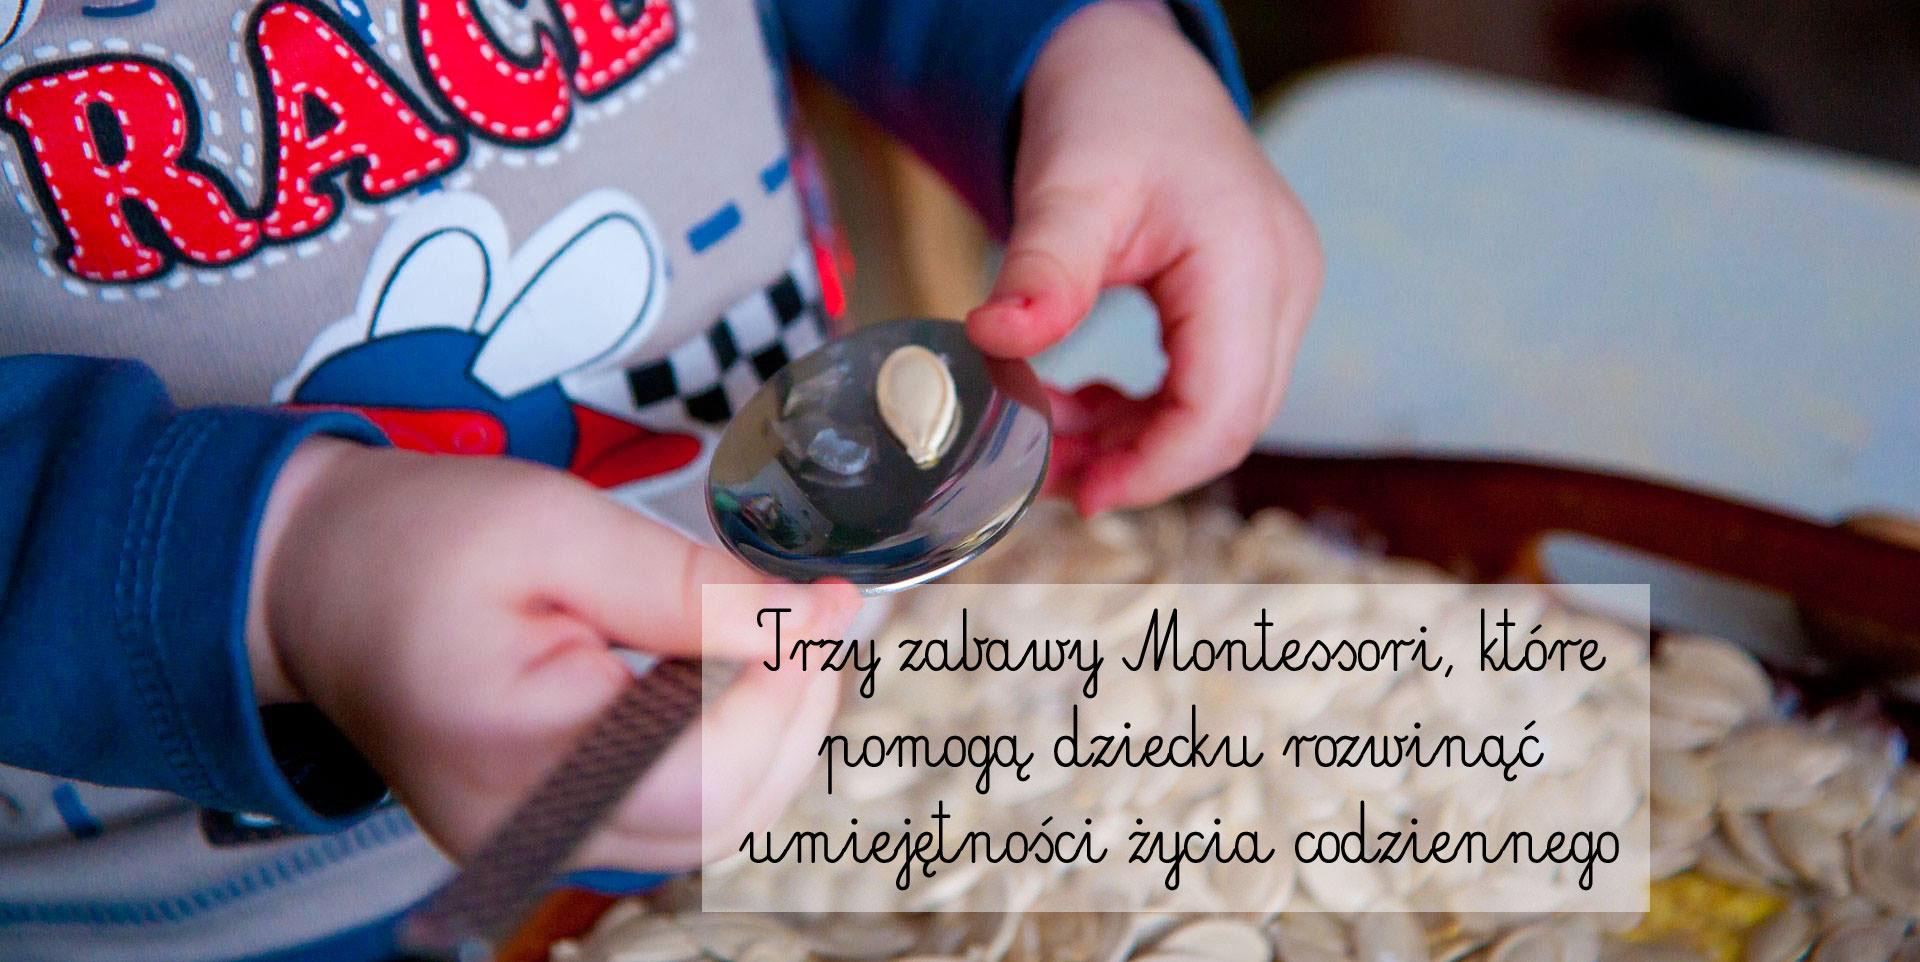 montessori, zabawy montessori, metoda montessori naucz mnie robić to samodzielnie, charlotte poussin, nauka życia codziennego